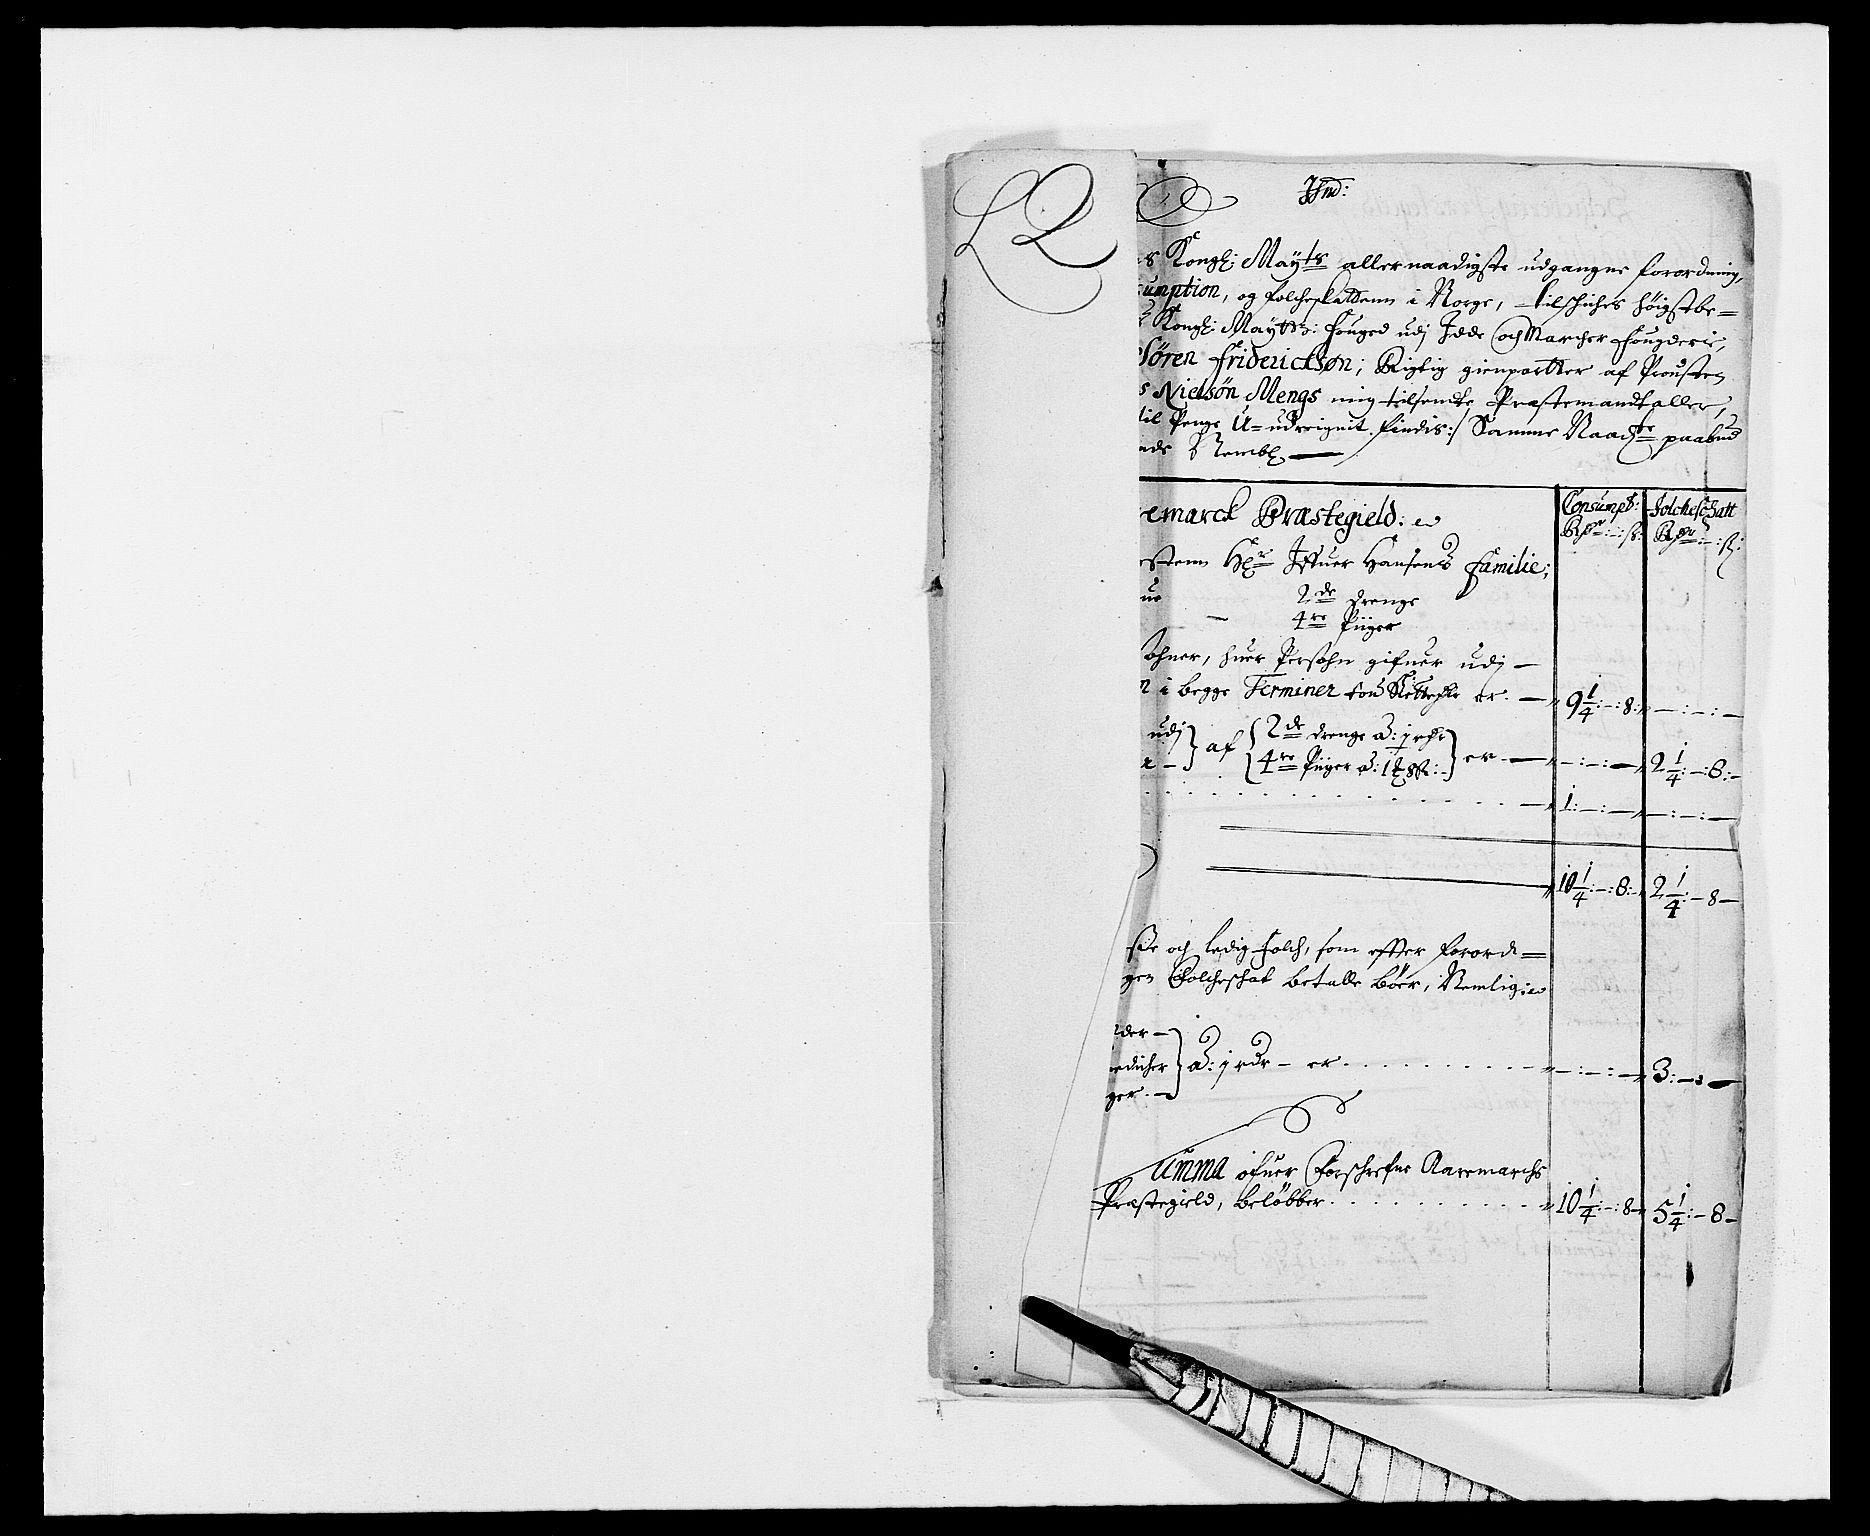 RA, Rentekammeret inntil 1814, Reviderte regnskaper, Fogderegnskap, R01/L0003: Fogderegnskap Idd og Marker, 1678-1681, s. 156